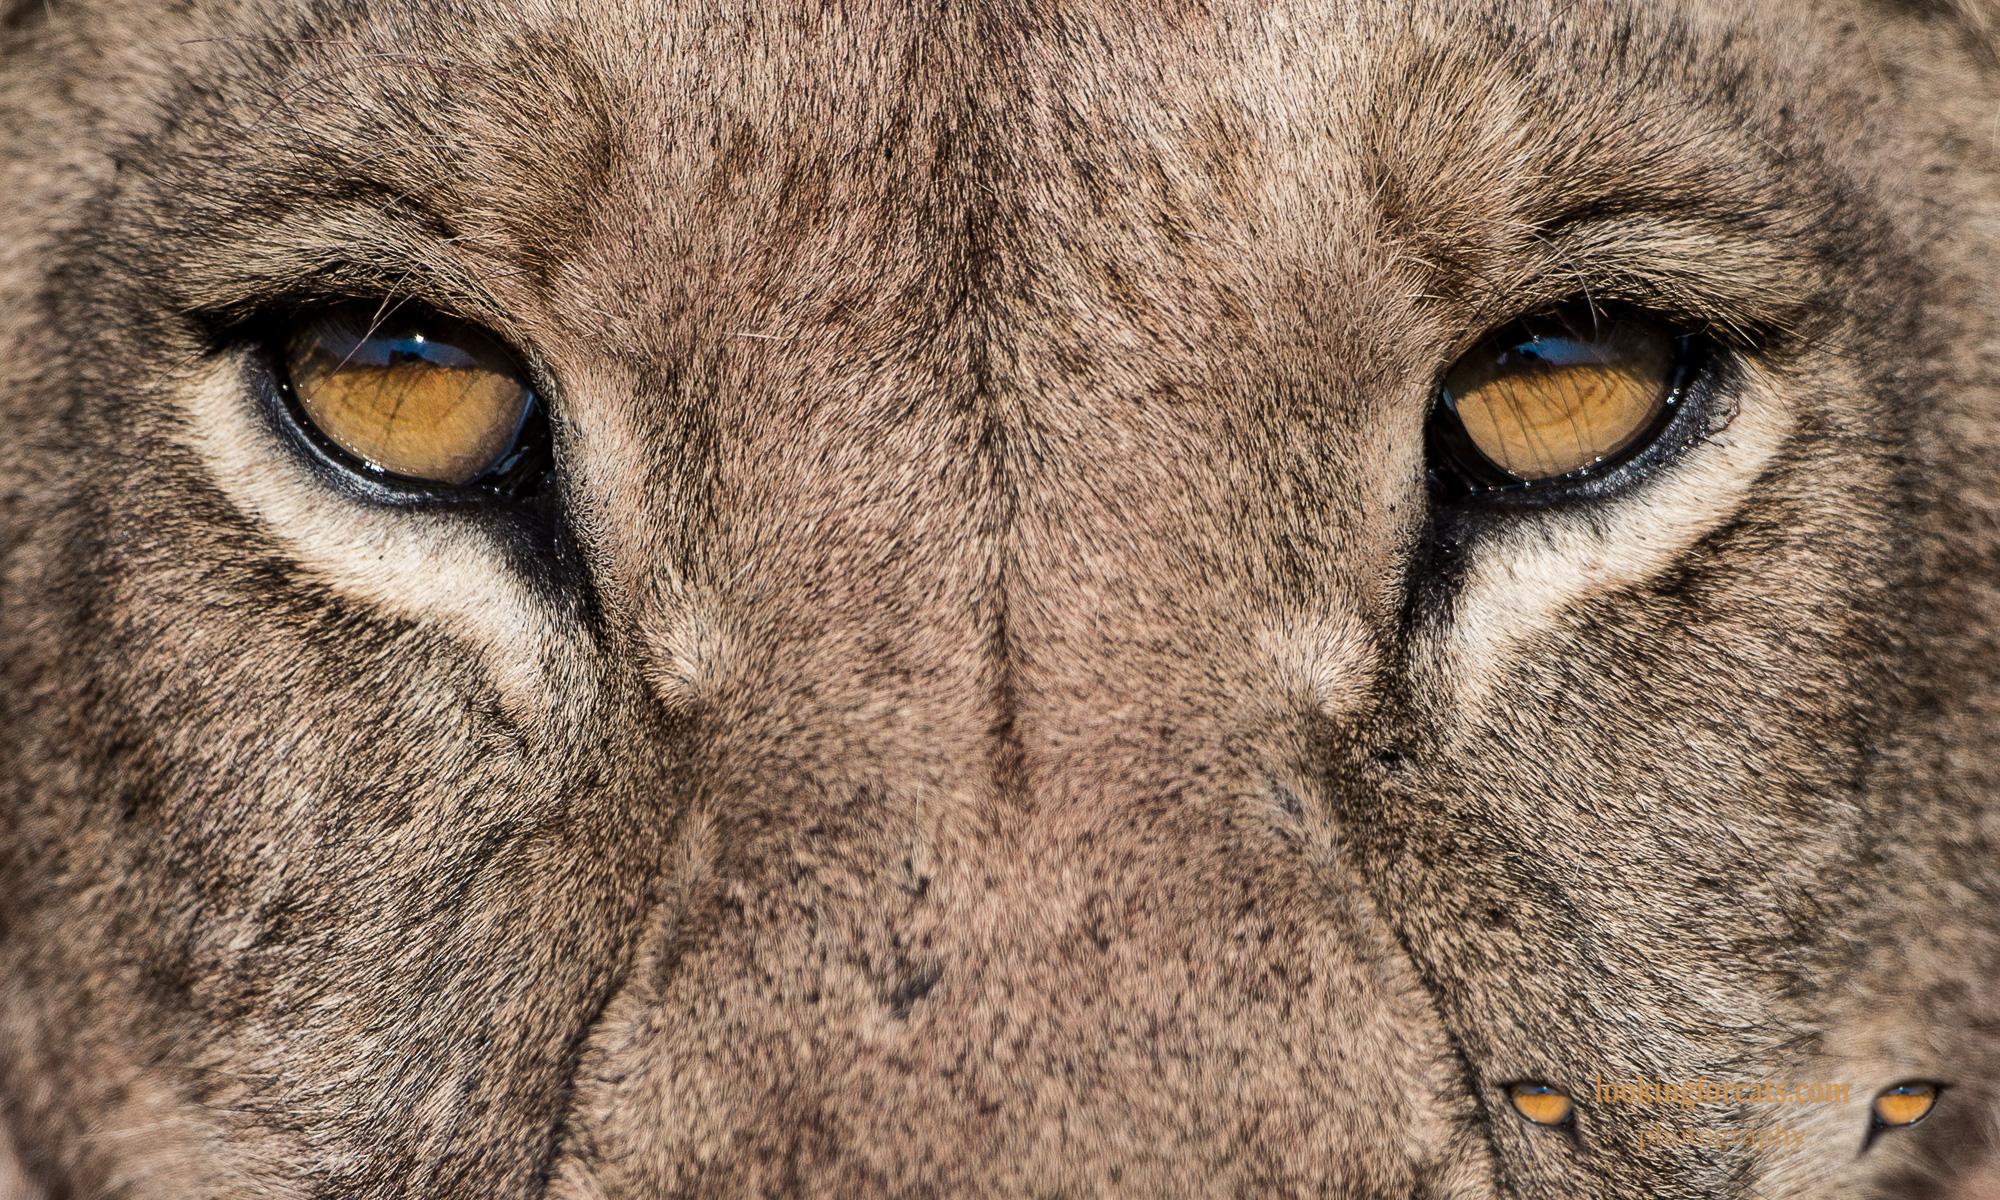 lookingforcats.com